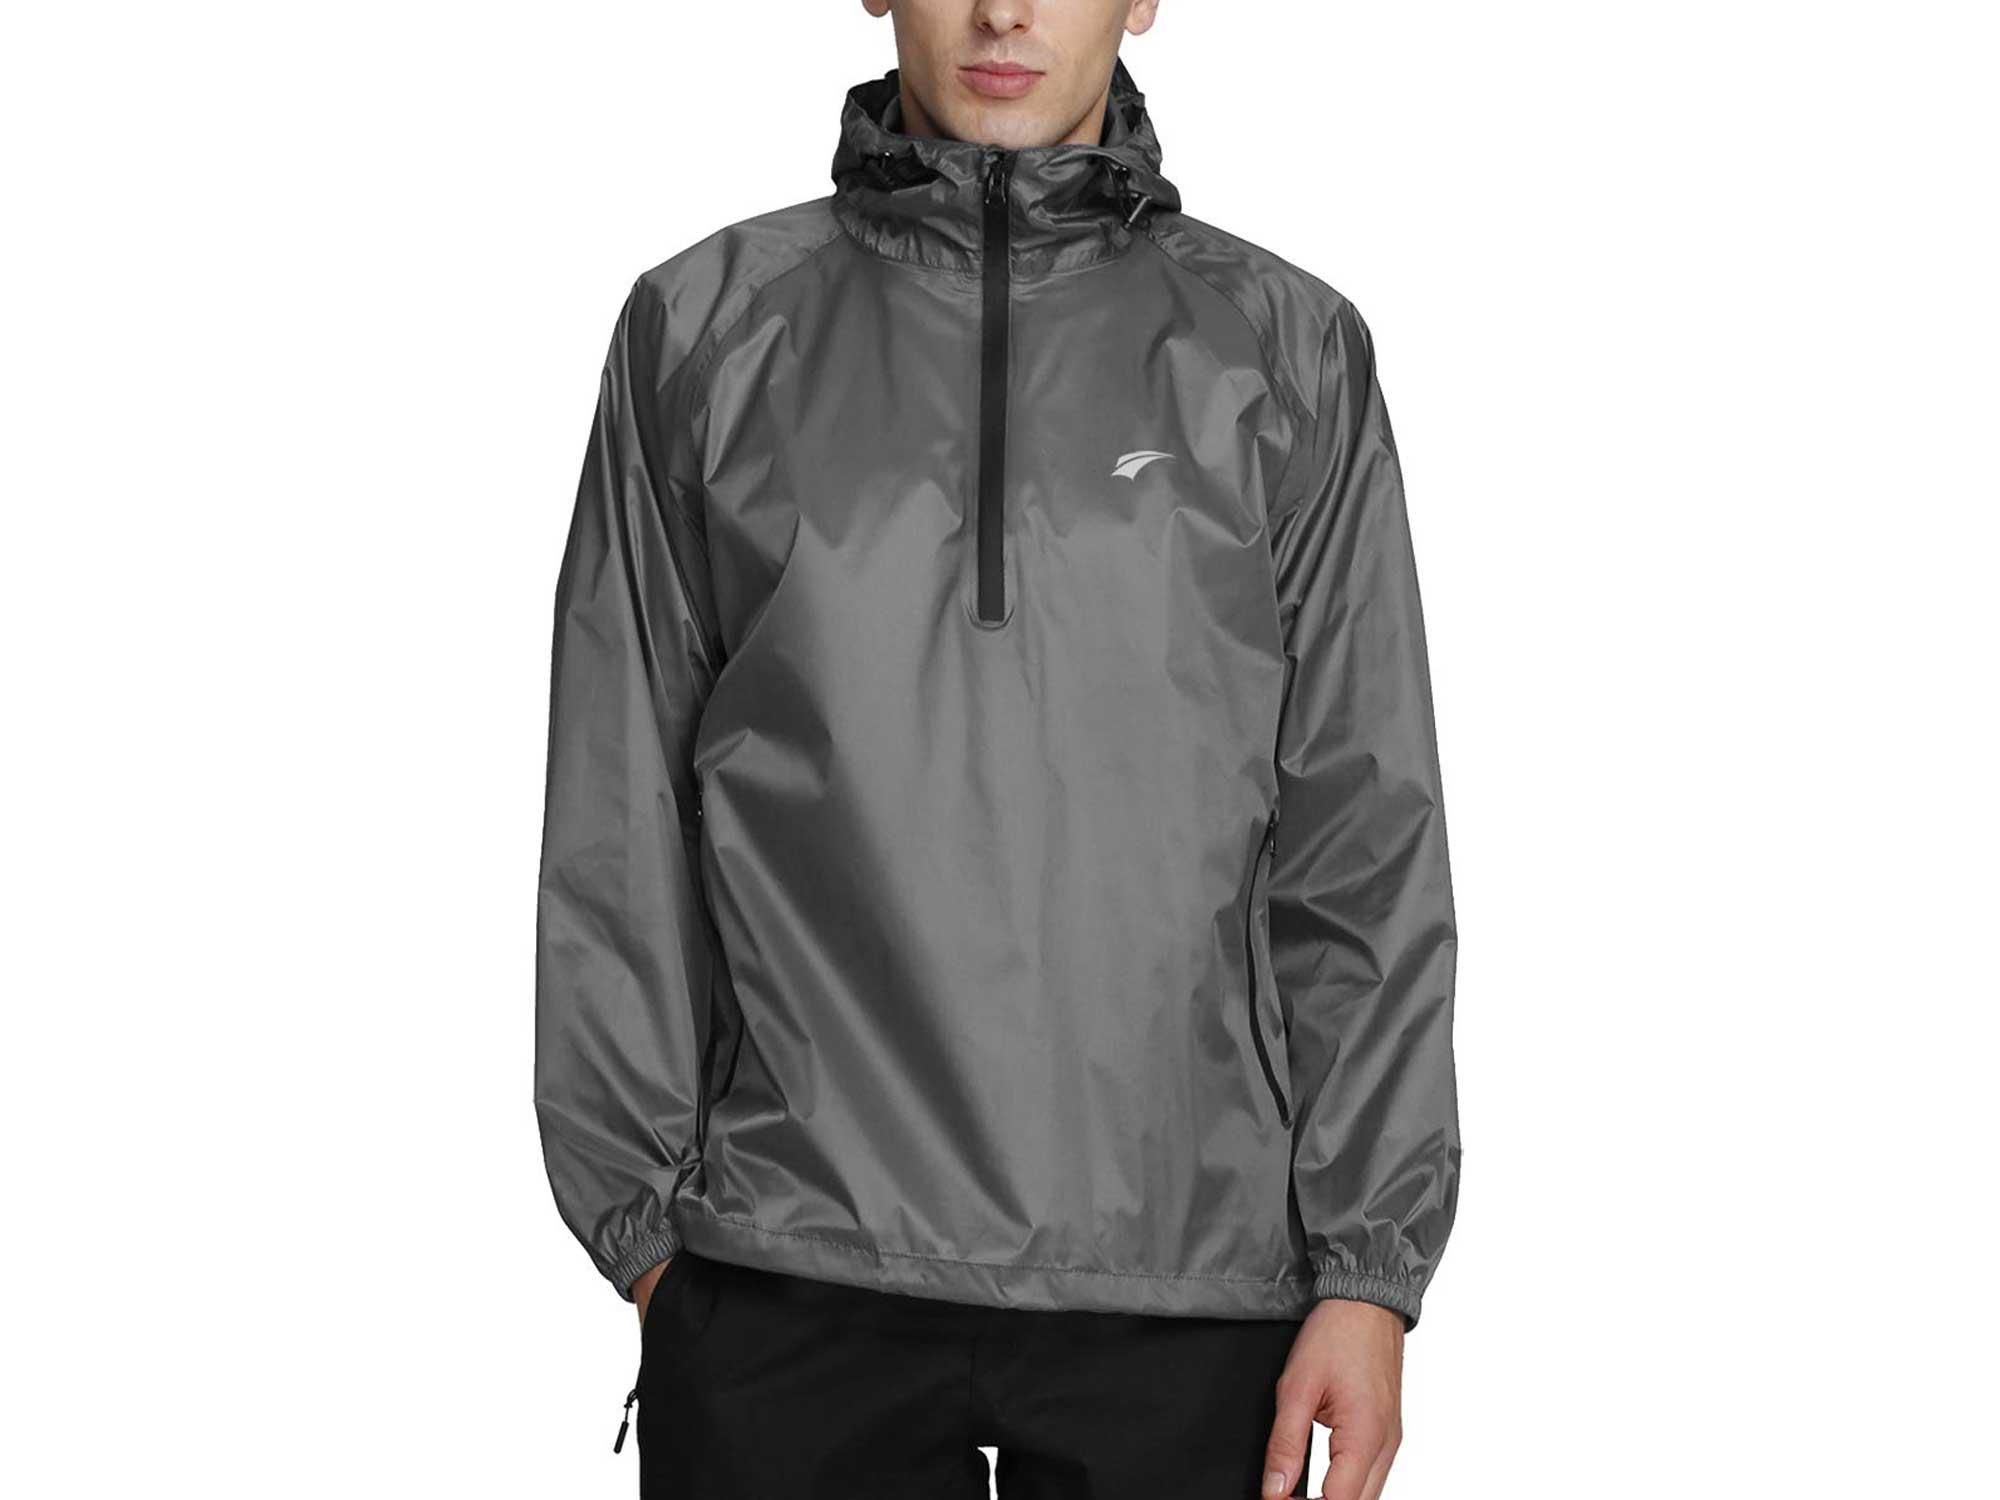 Man wearing EZrun lightweight waterproof jacket